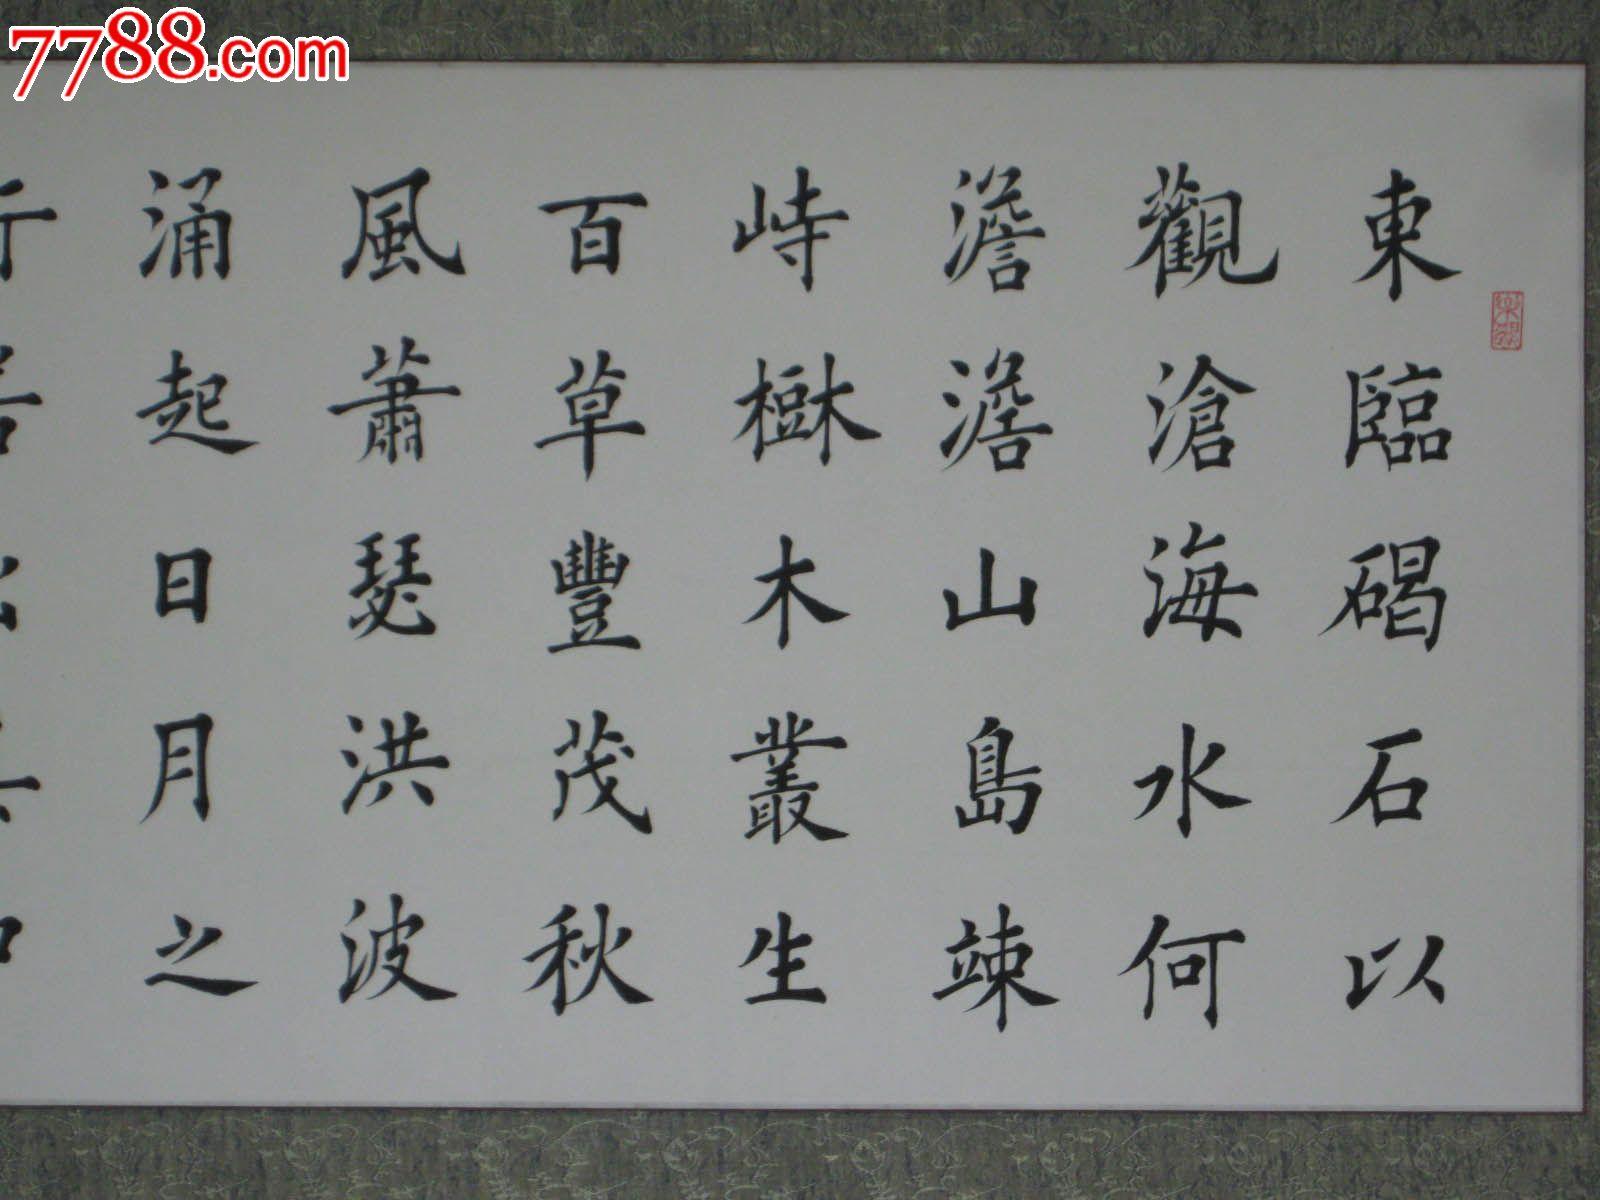 行楷毛笔书法字帖 紫极毛笔书法作品;